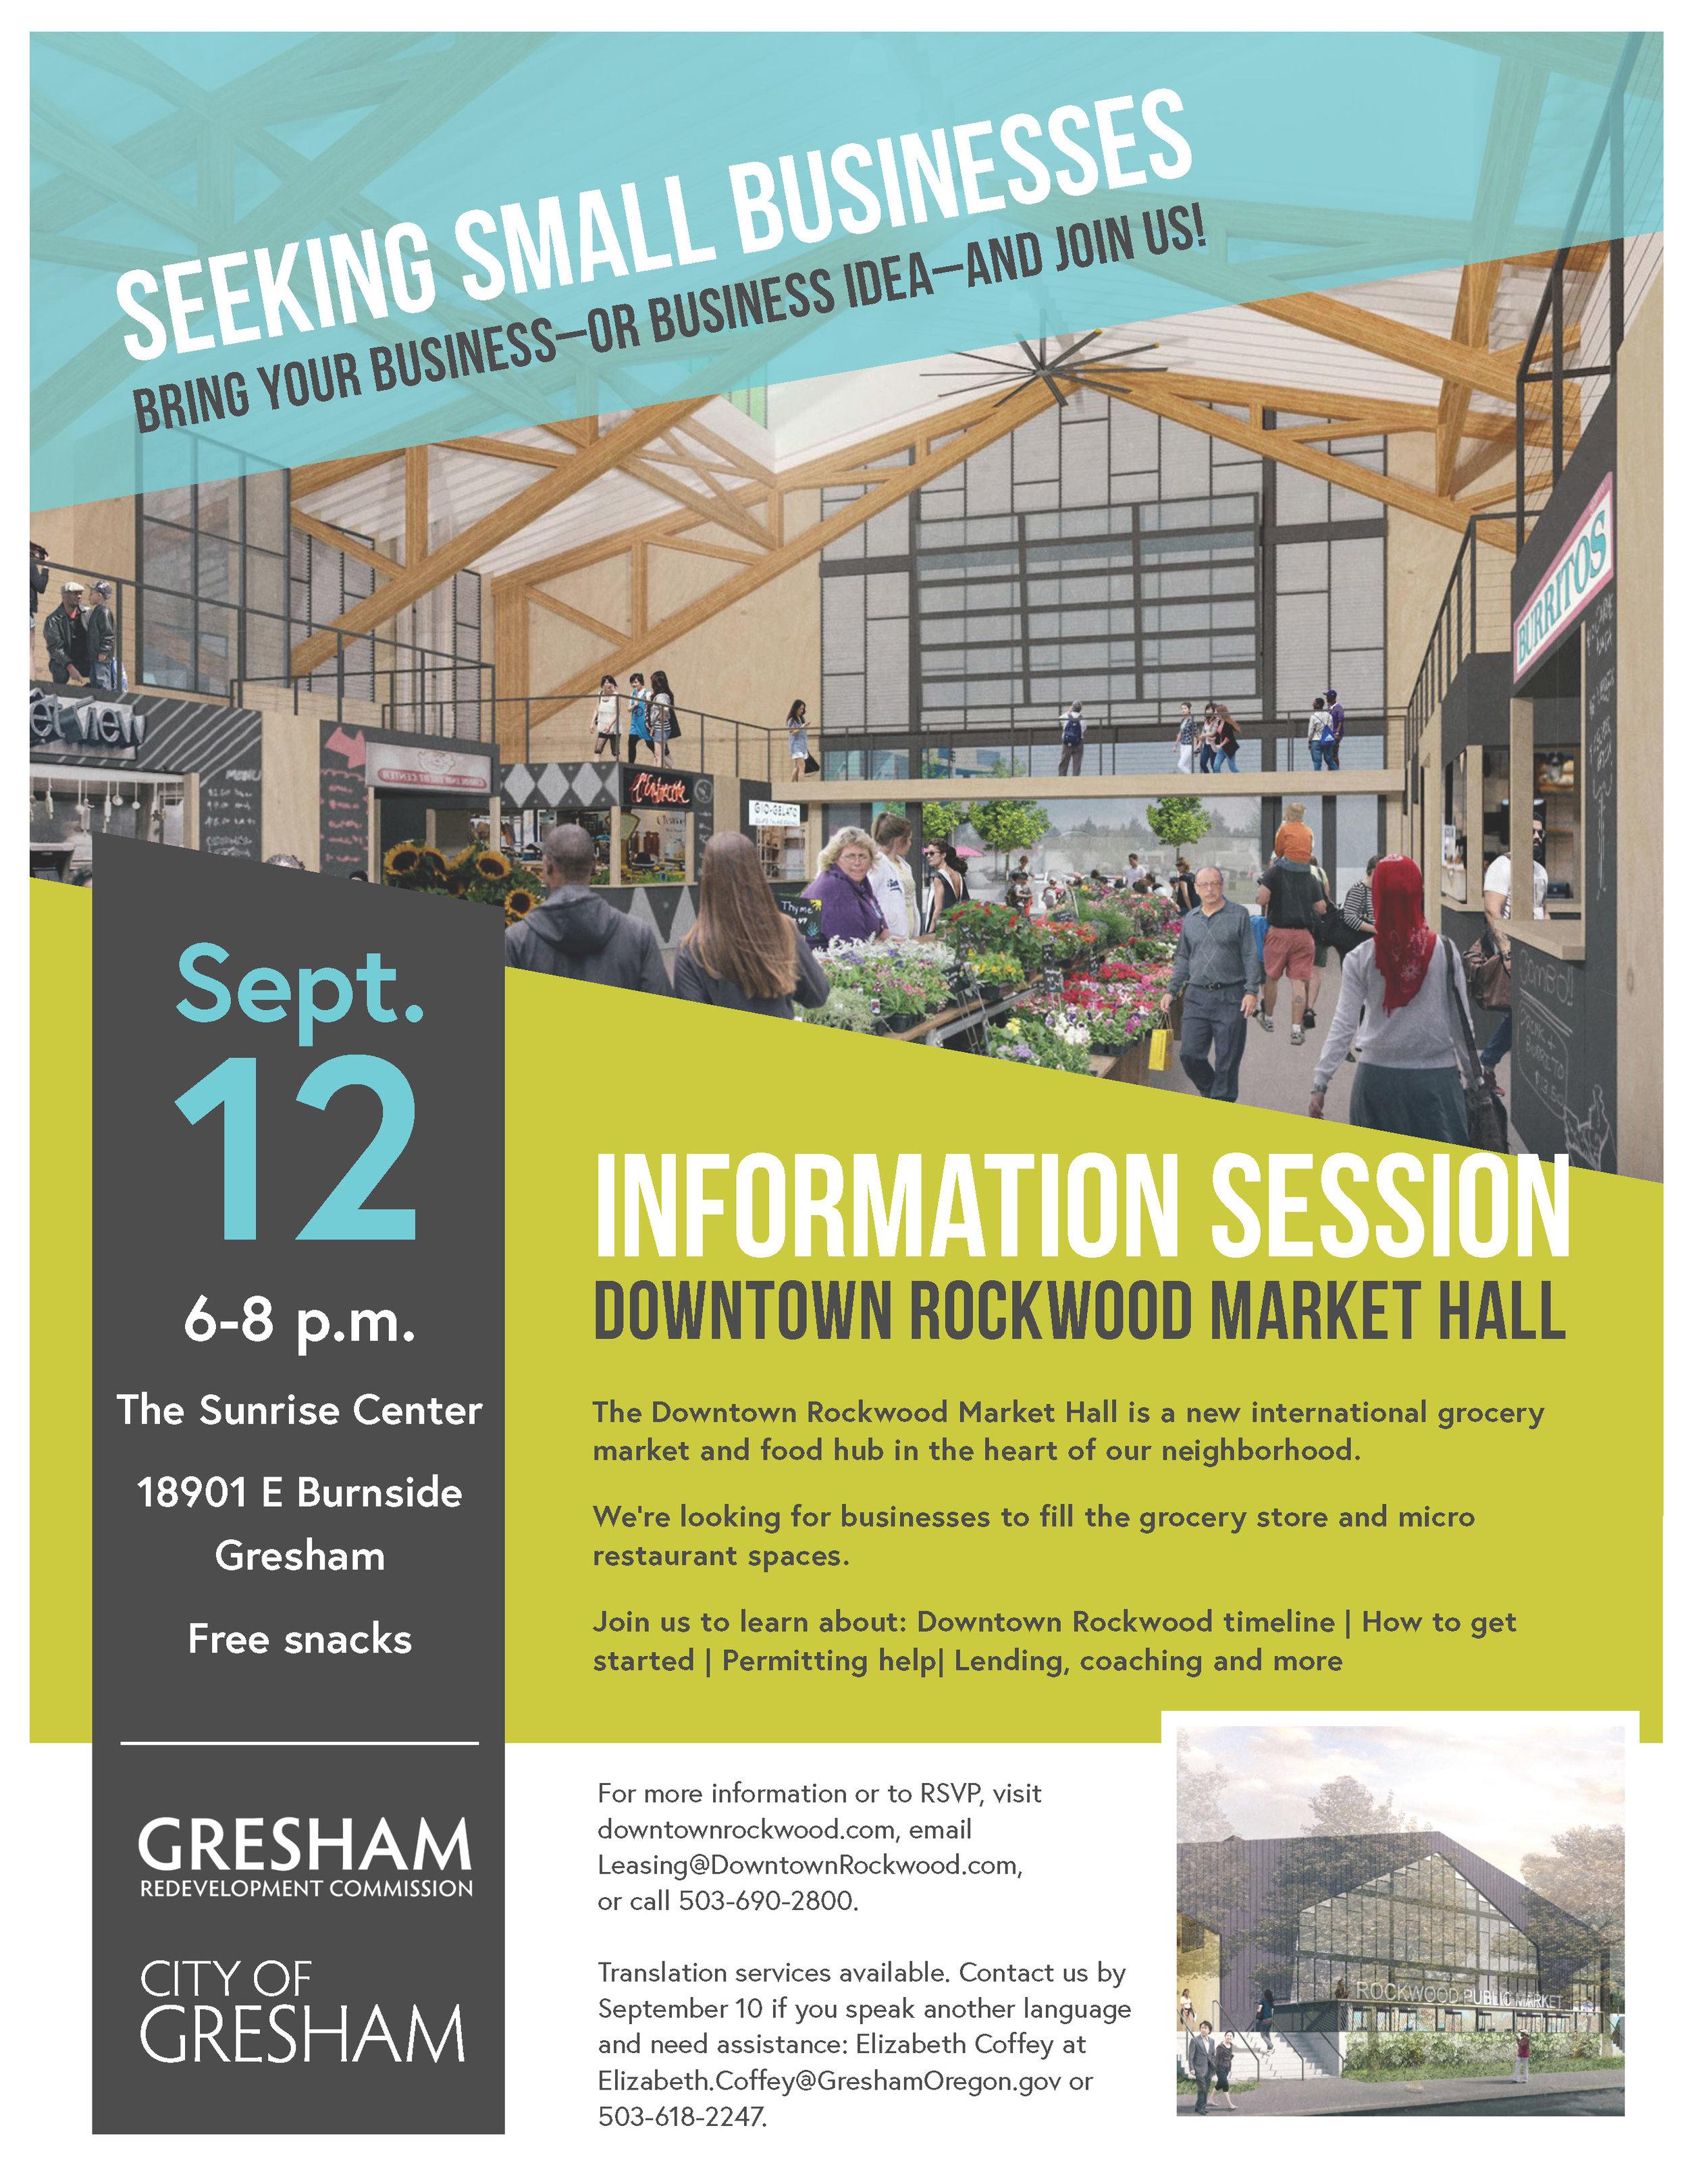 RR_Market_Hall_Information_Session_Flyer_V2.jpg